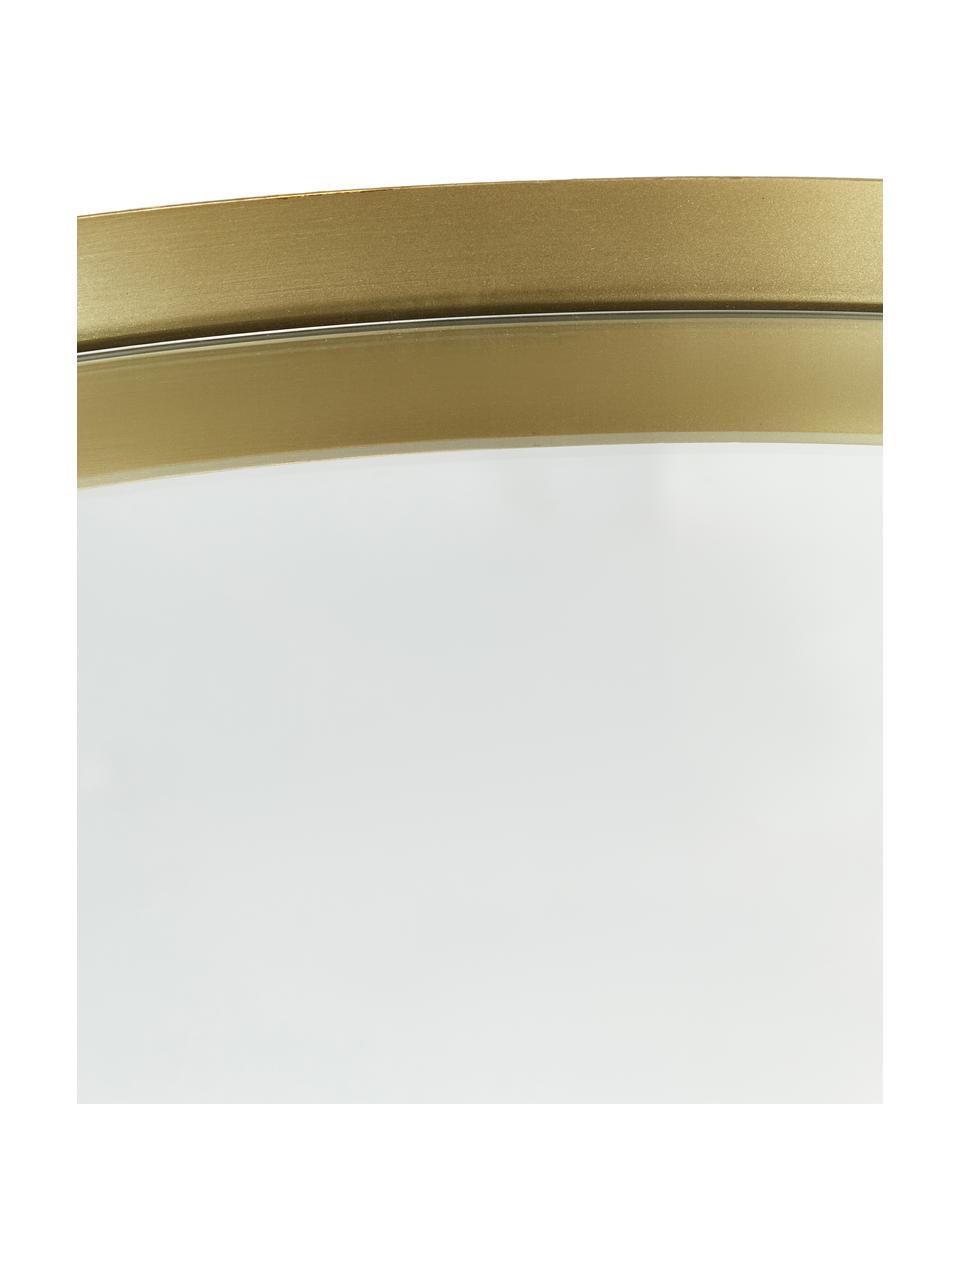 Okrúhle nástenné zrkadlo so zlatým rámom Ivy, Mosadz